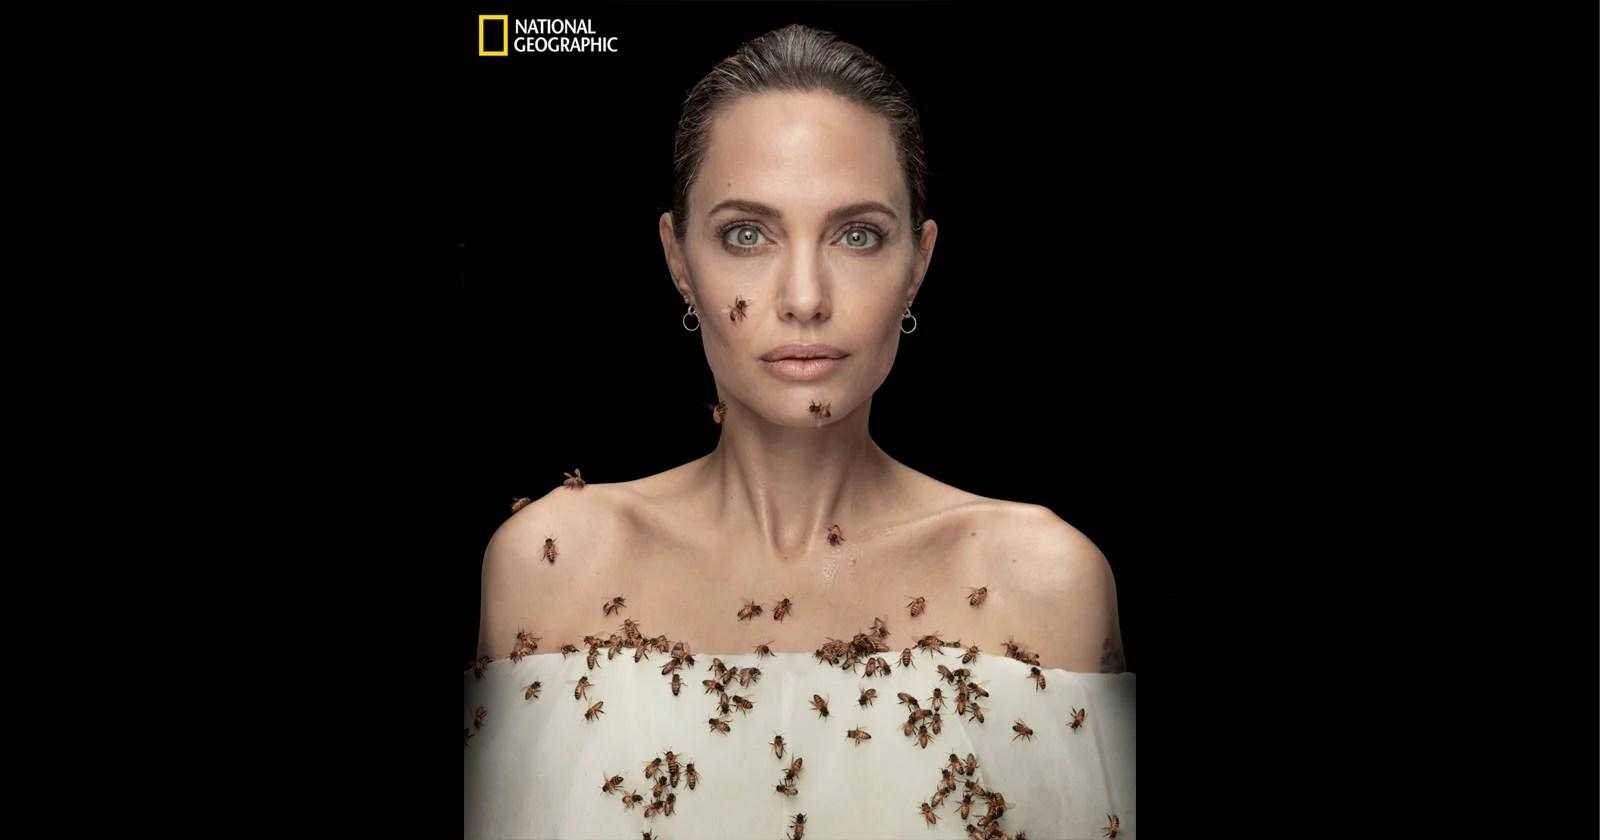 Angelina Jolie fotografata coperta di api per favorire la conservazione